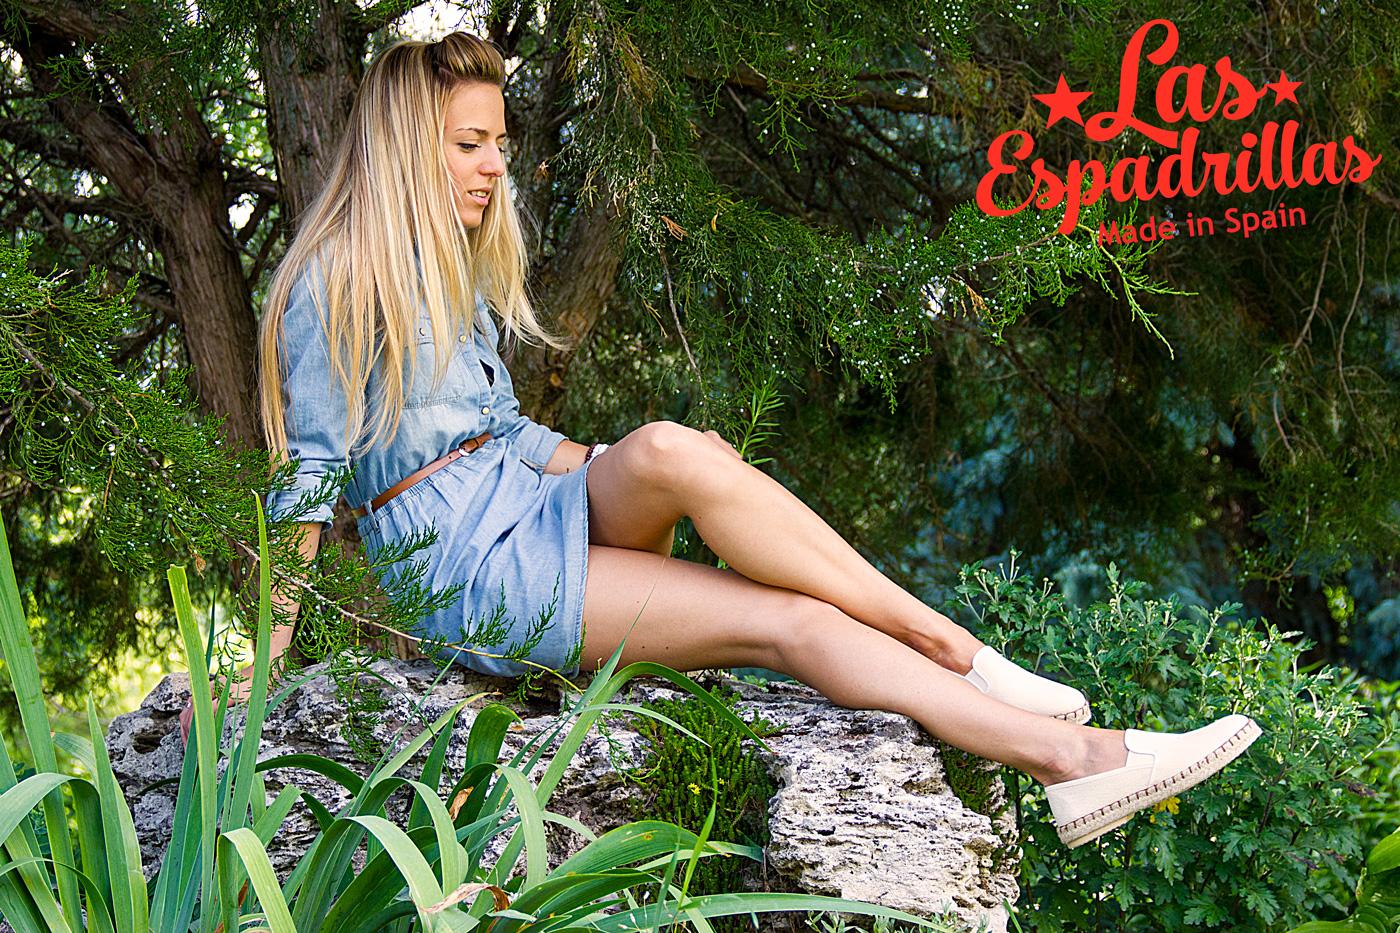 Испанская коллекция летней обуви Las Espadrillas